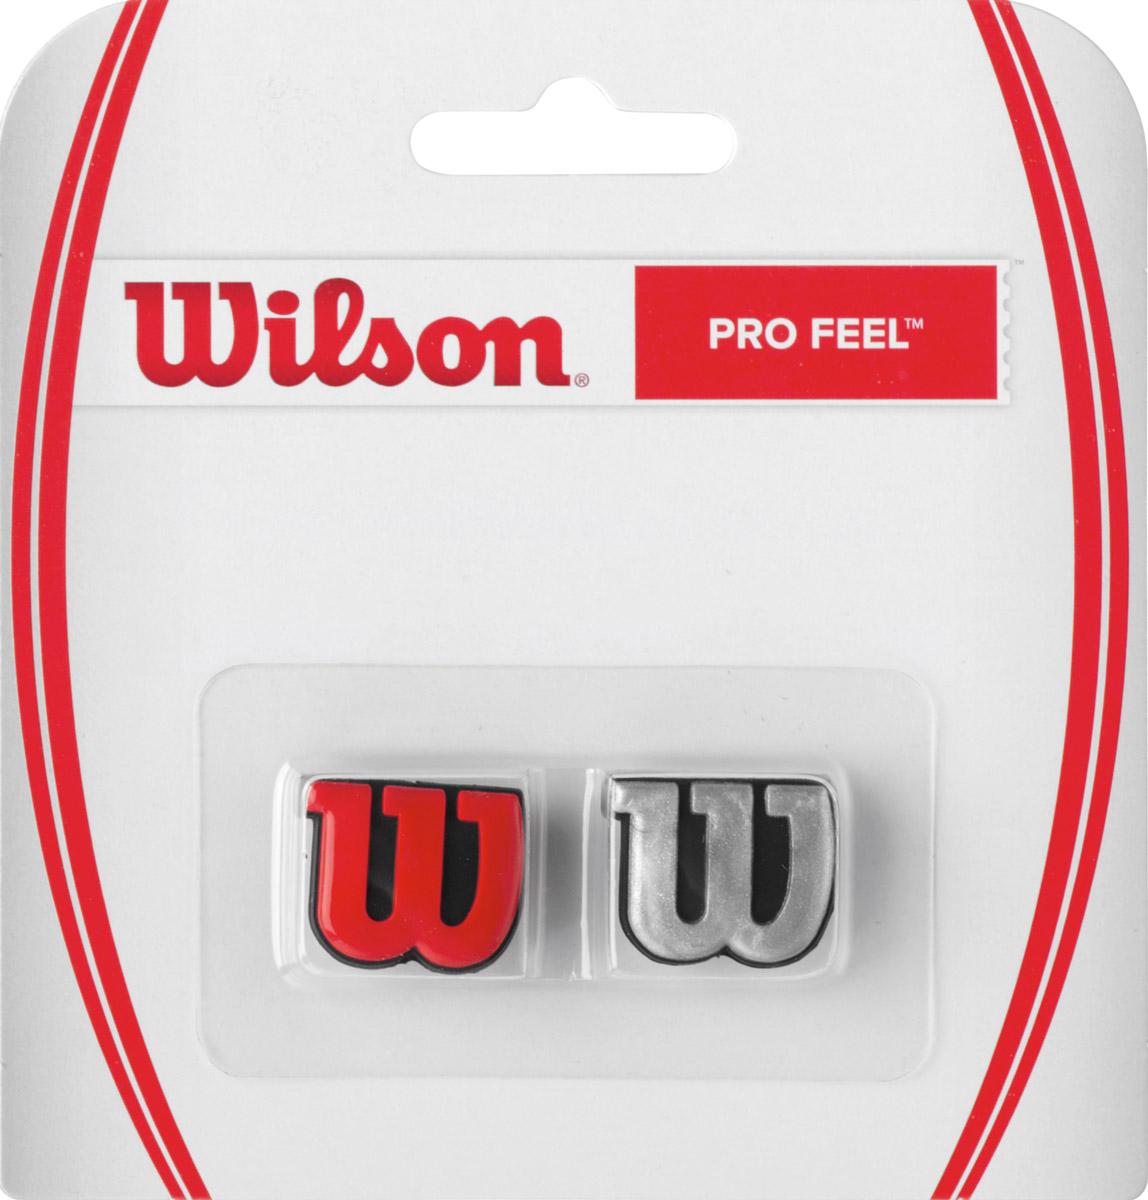 Виброгаситель Wilson Profeel Rdsi20606Классика Wilson. Виброгаситель в форме основного символа бренда W, обеспечивает комфорт и обладает минимальным весом.